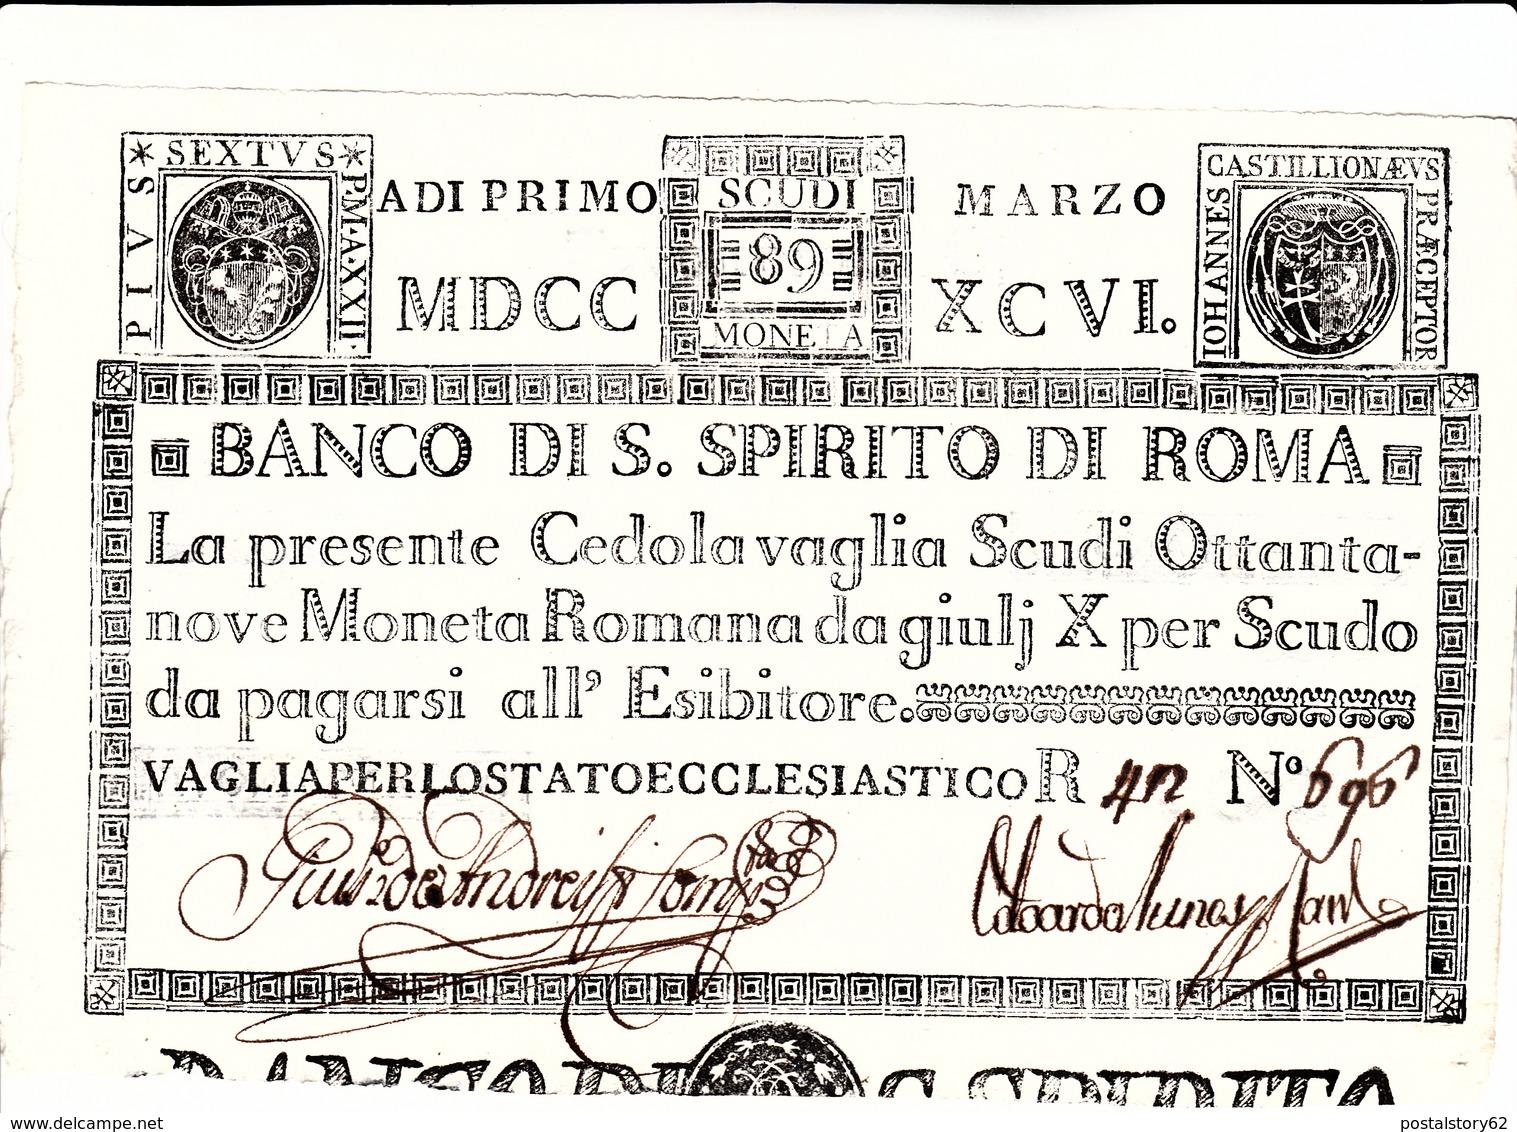 Stato Pontificio, Cedola Vaglia Scudi 89 Moneta Romana. Vaglia Per Lo Stato Ecclesiastico 1 Marzo 1796 - Vatican